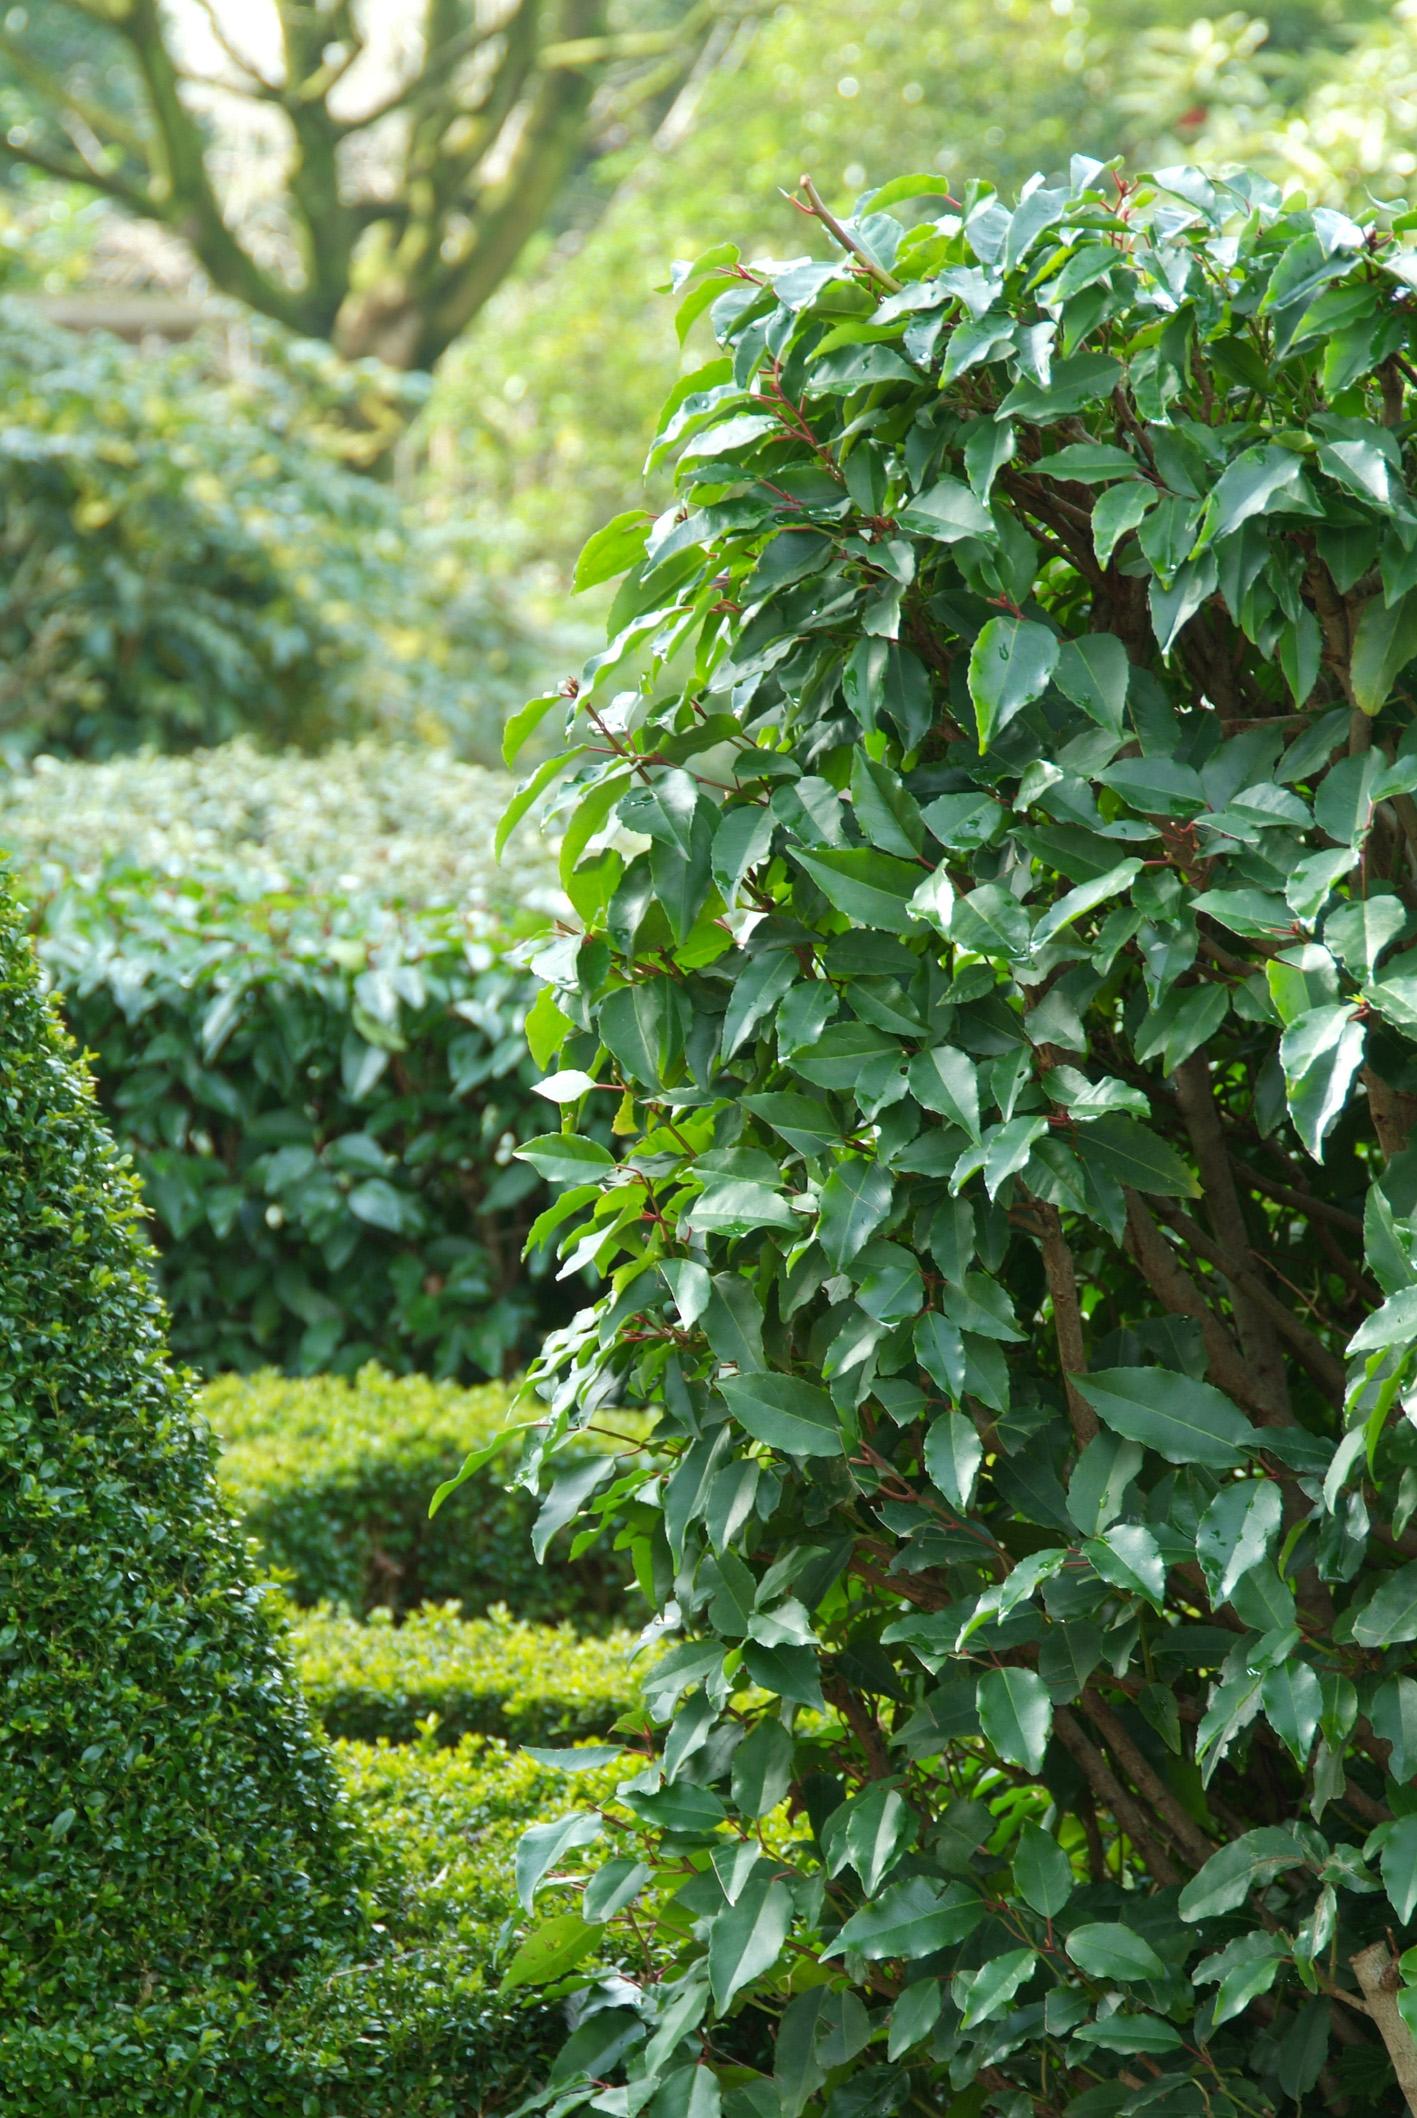 Planter Une Bordure De Buis trouver une alternative aux buis | gamm vert